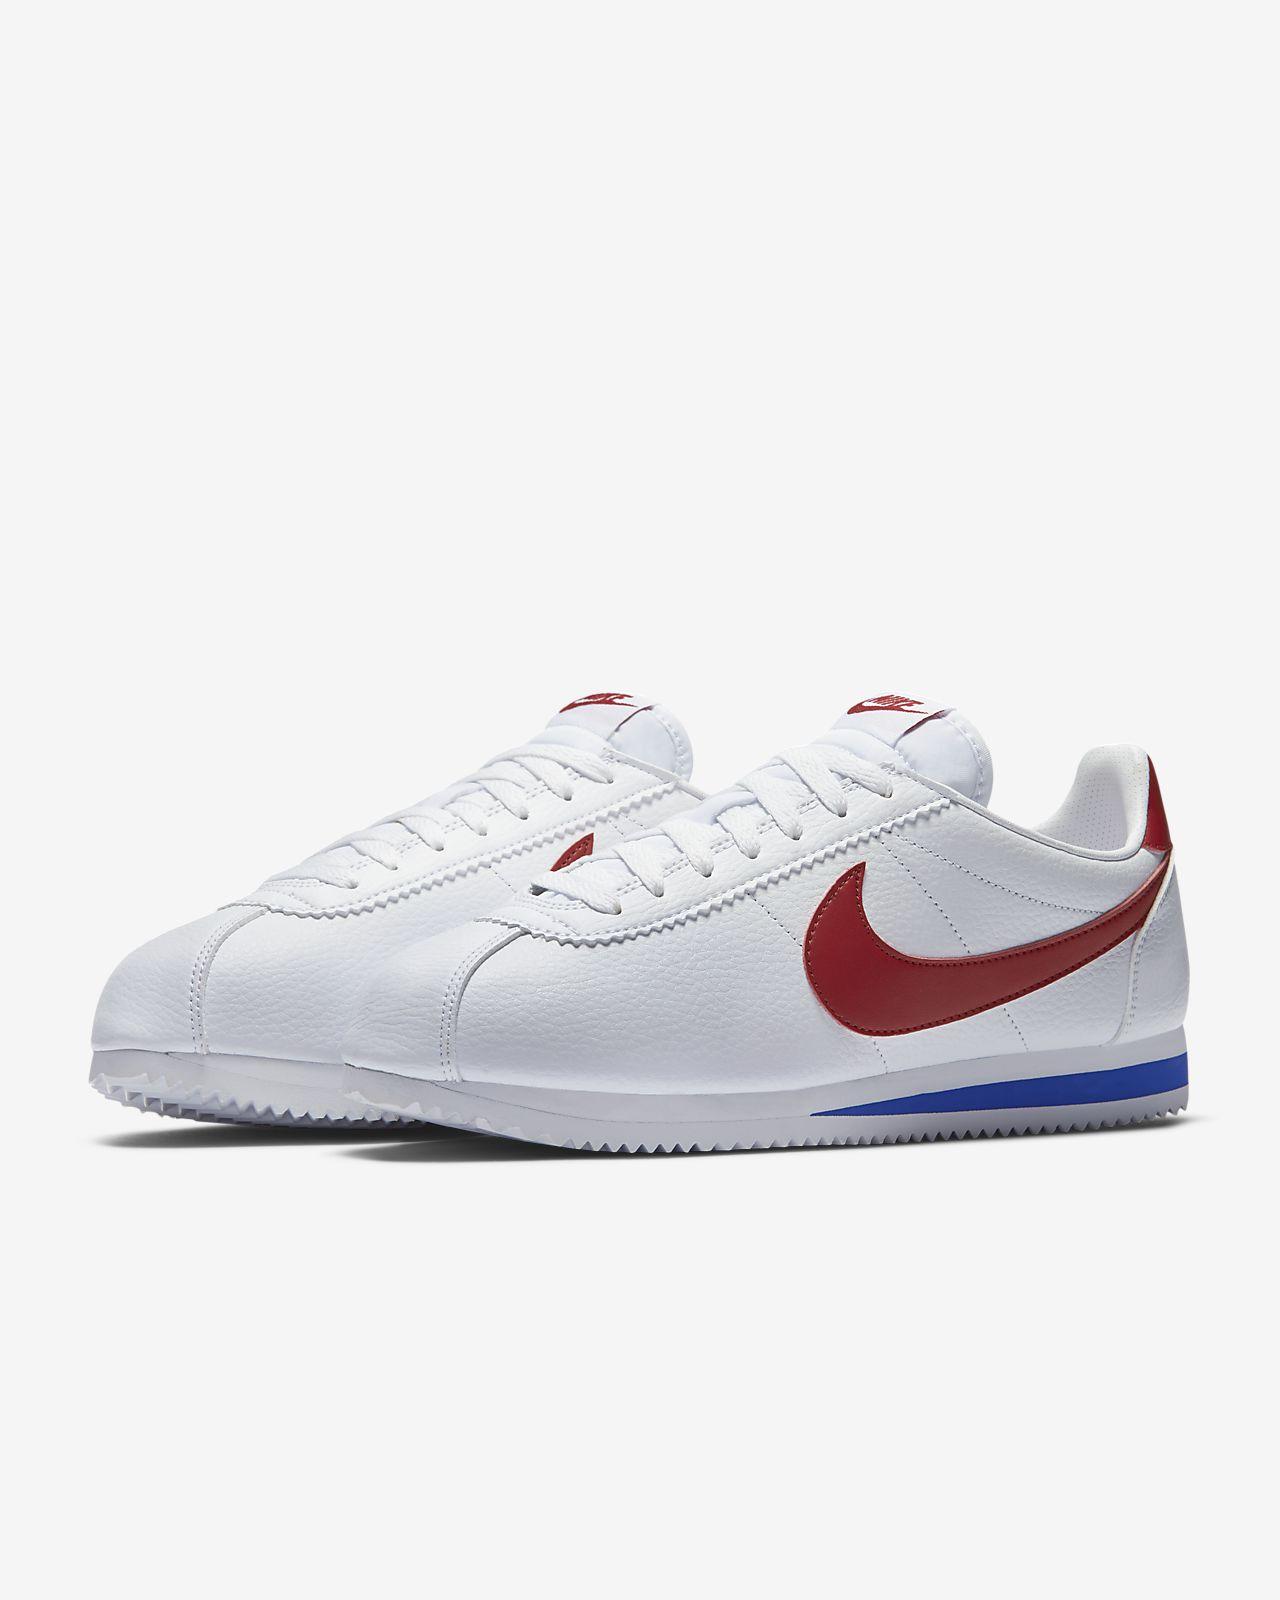 detailed look 0ce4d c960b ... Nike Classic Cortez Men s Shoe